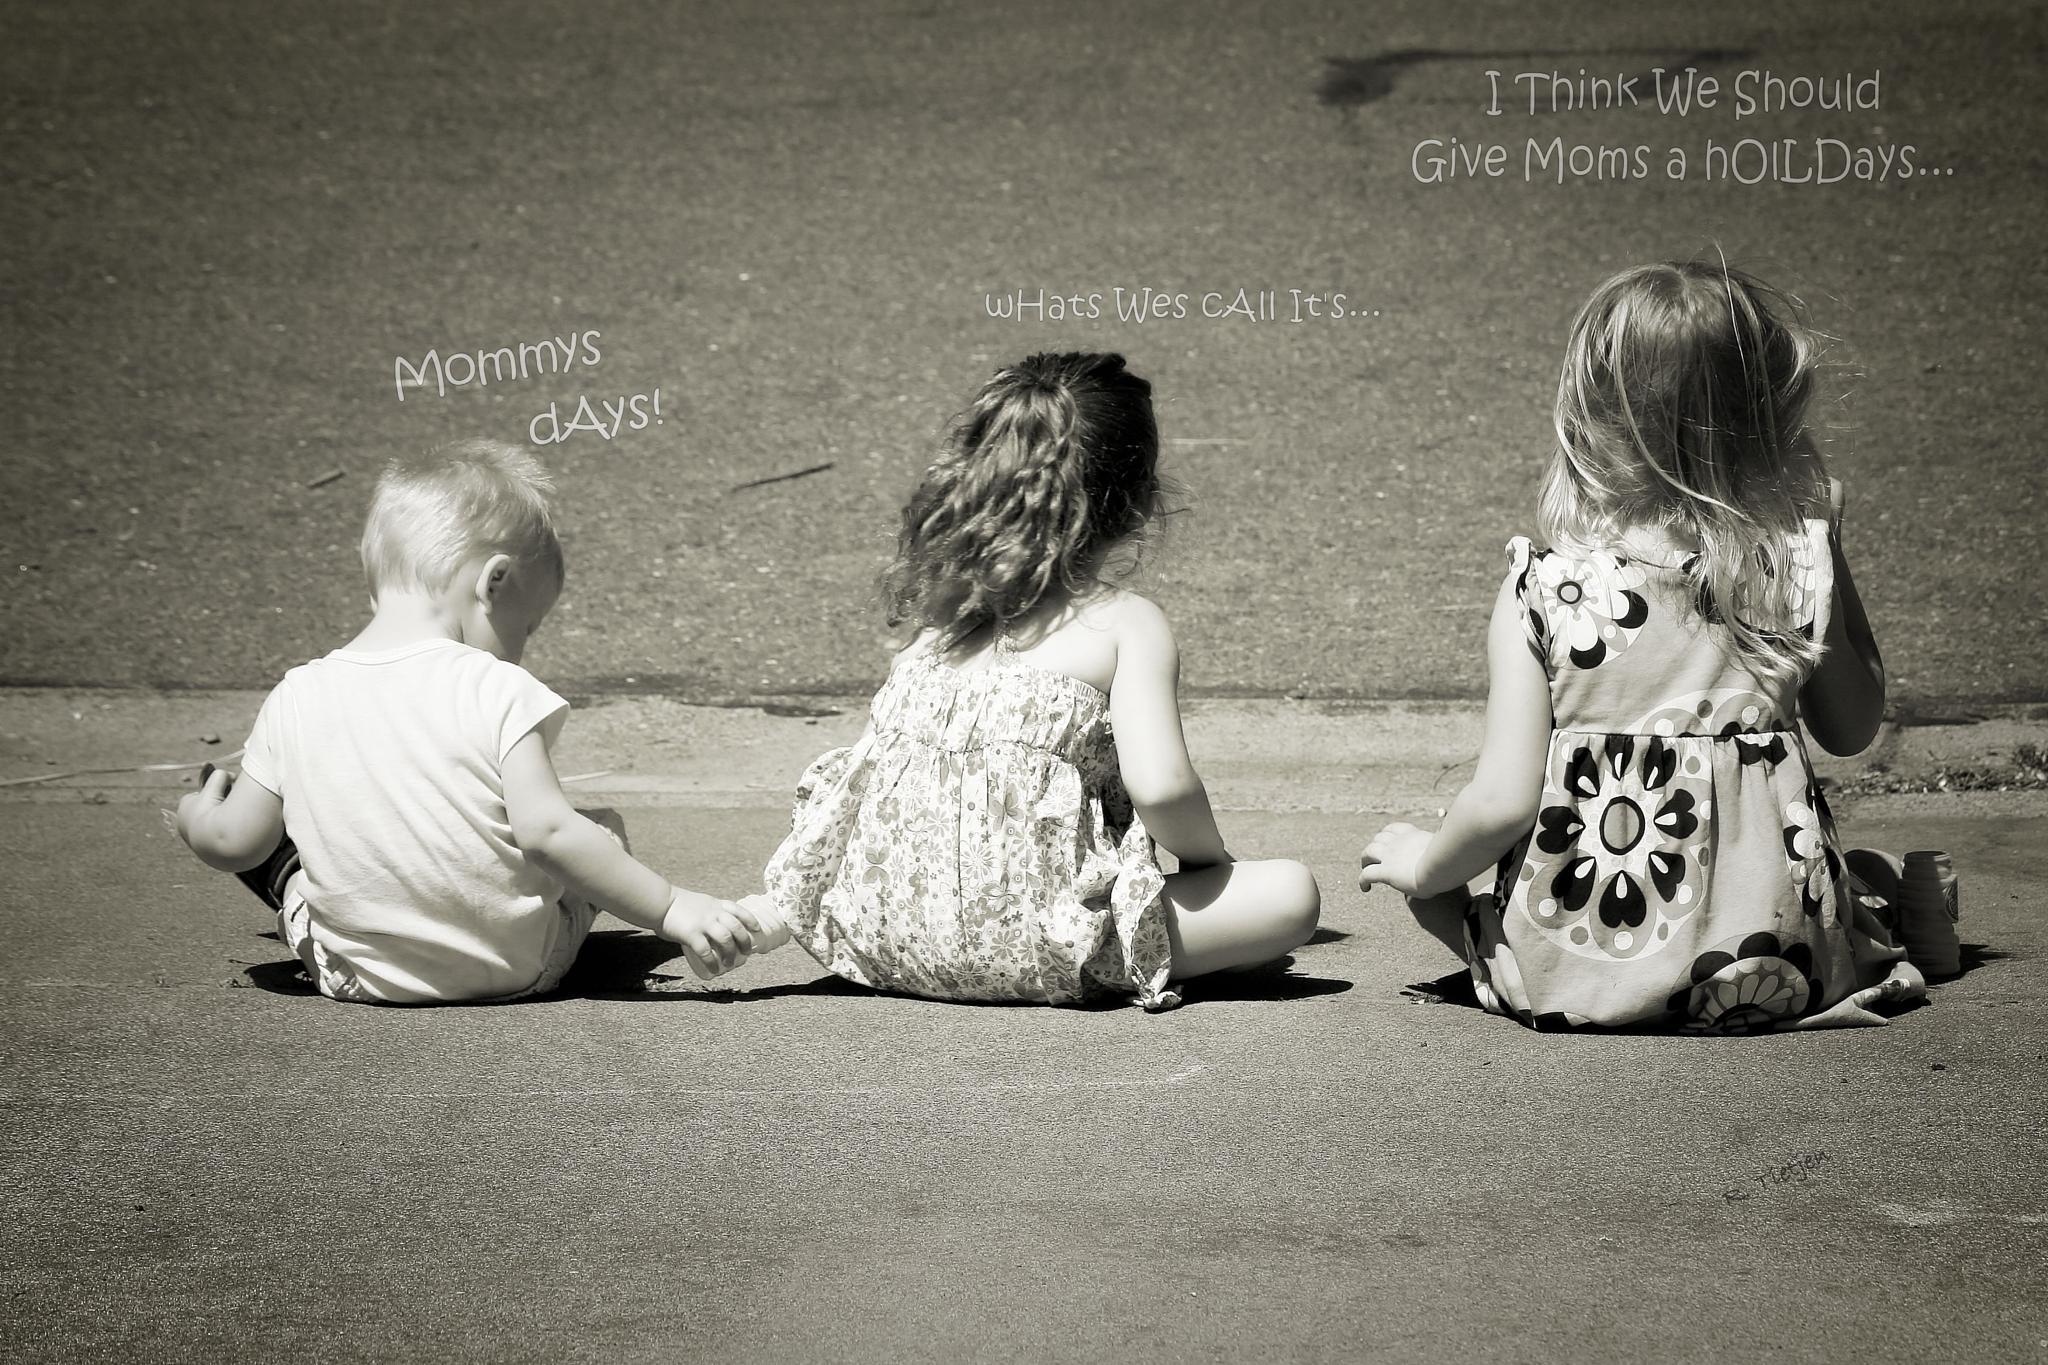 Happys Mommy's Daze... by Rodney Tietjen